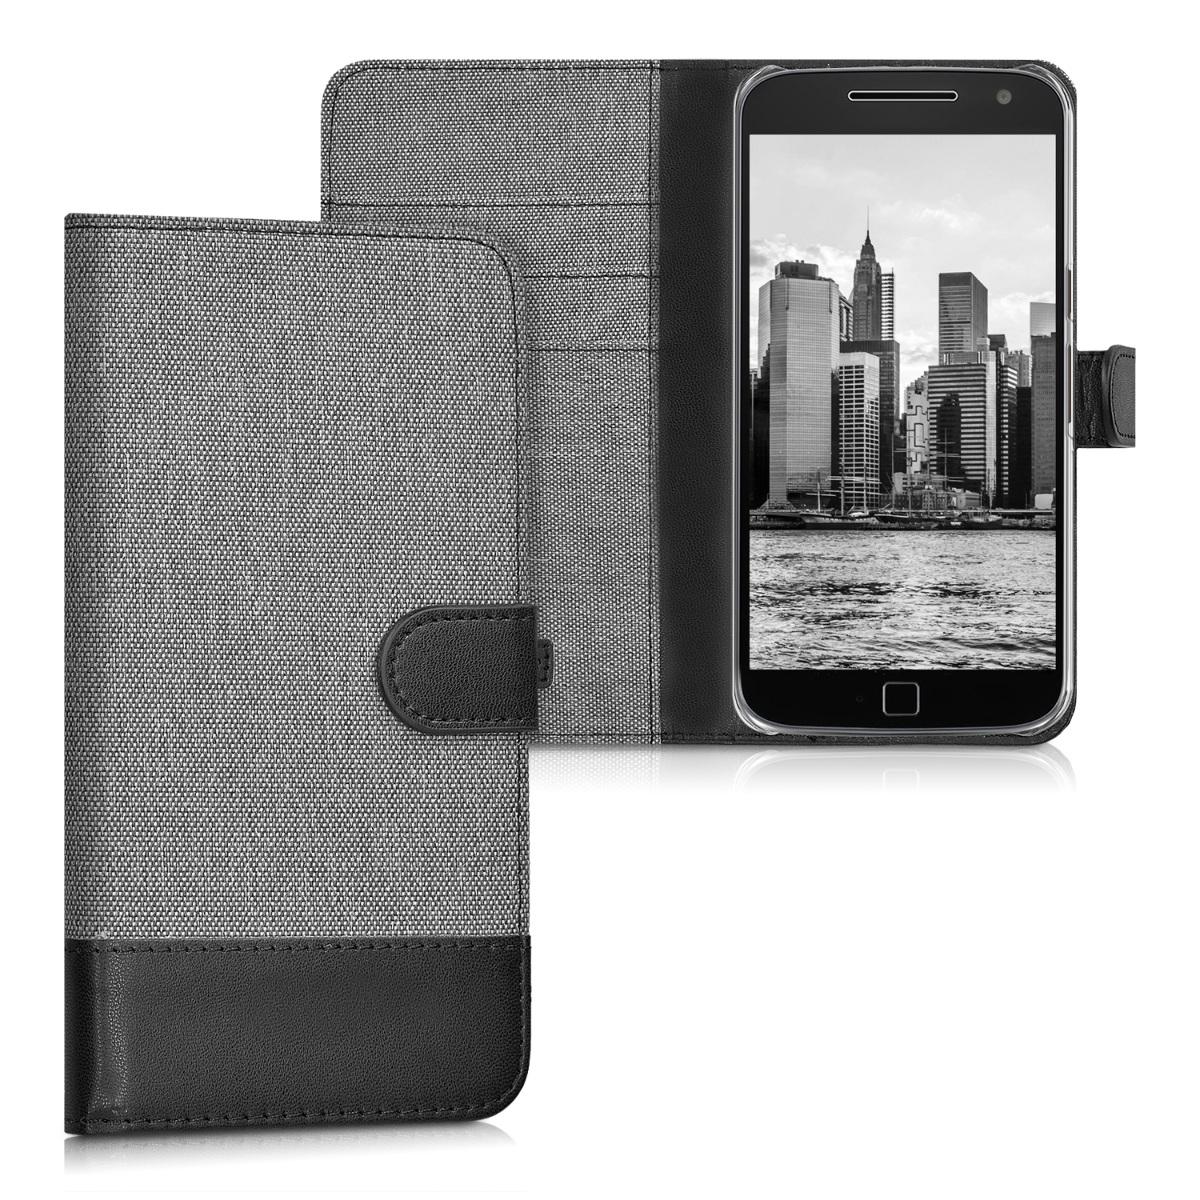 Textilní látkové pouzdro | obal pro Motorola Moto G4 / Moto G4 Plus - Šedá / černá